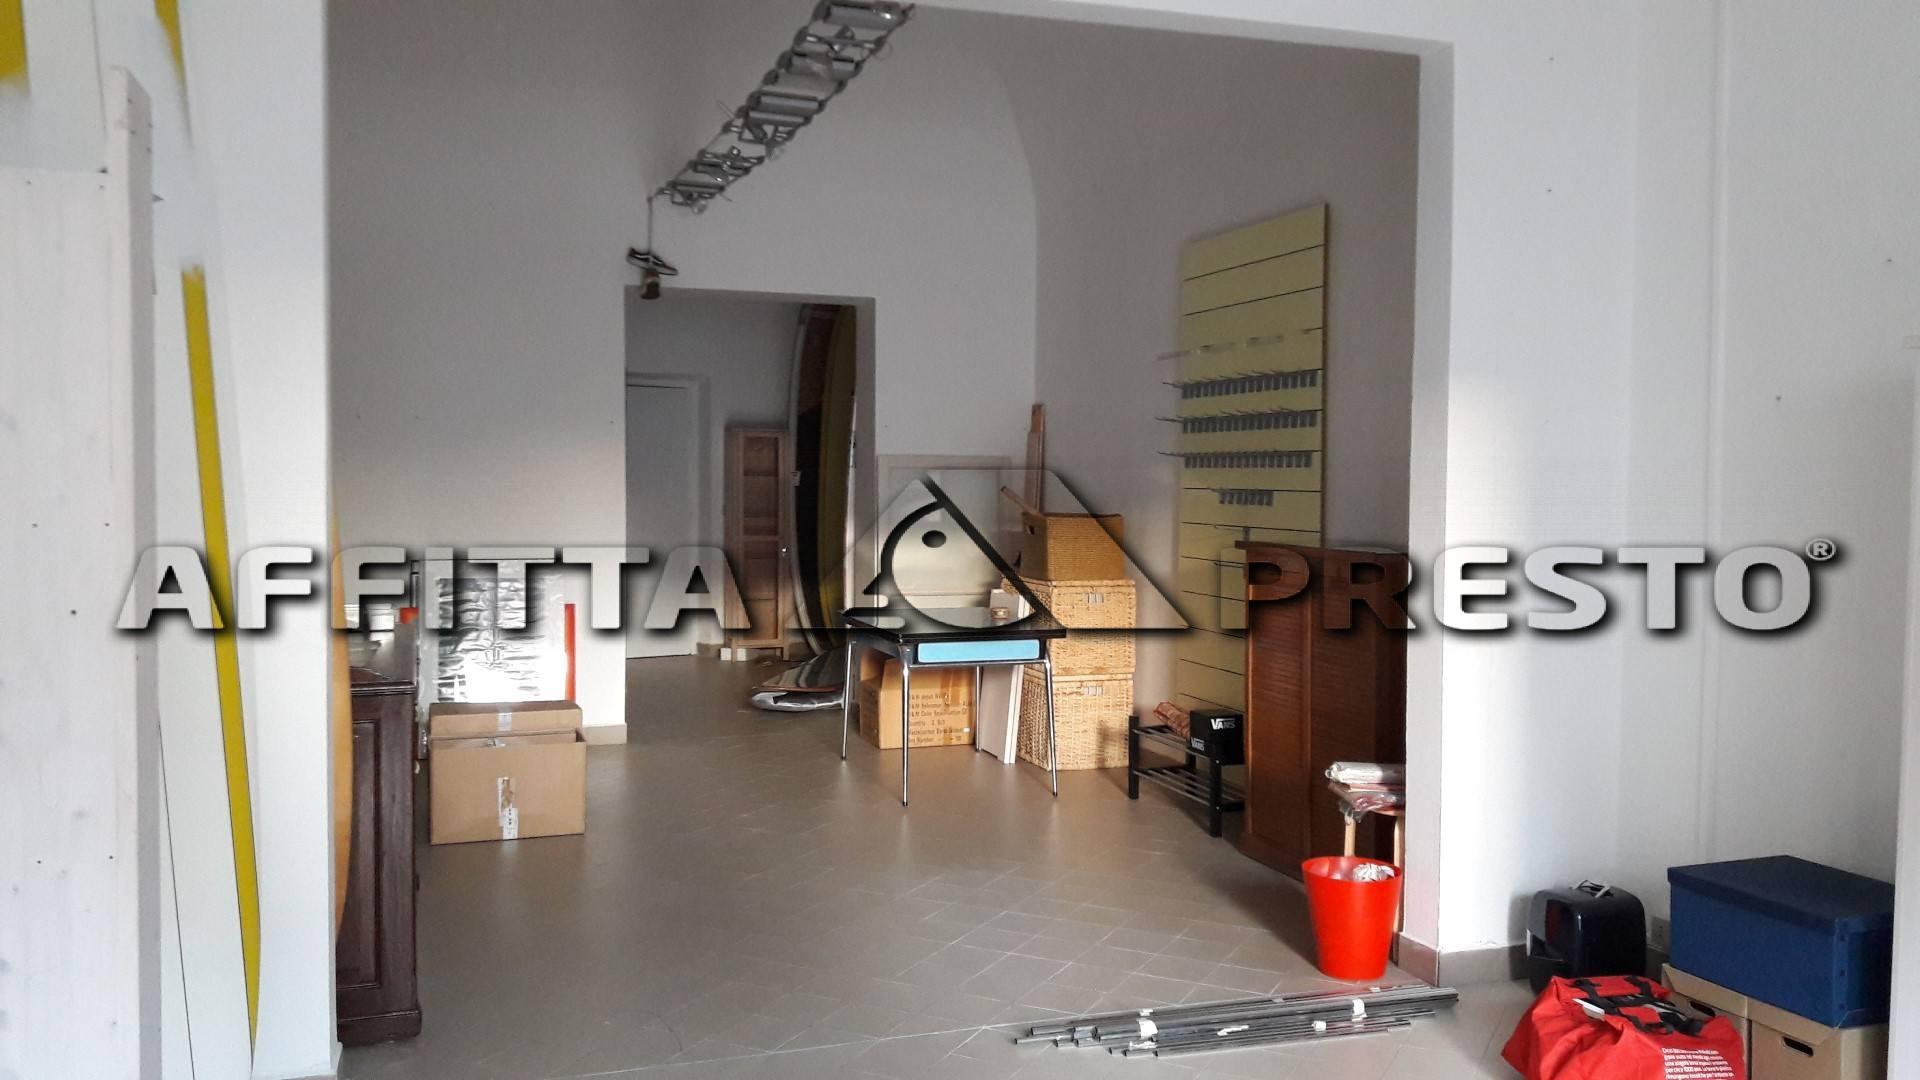 Attività / Licenza in affitto a Pisa, 3 locali, prezzo € 1.200 | Cambio Casa.it